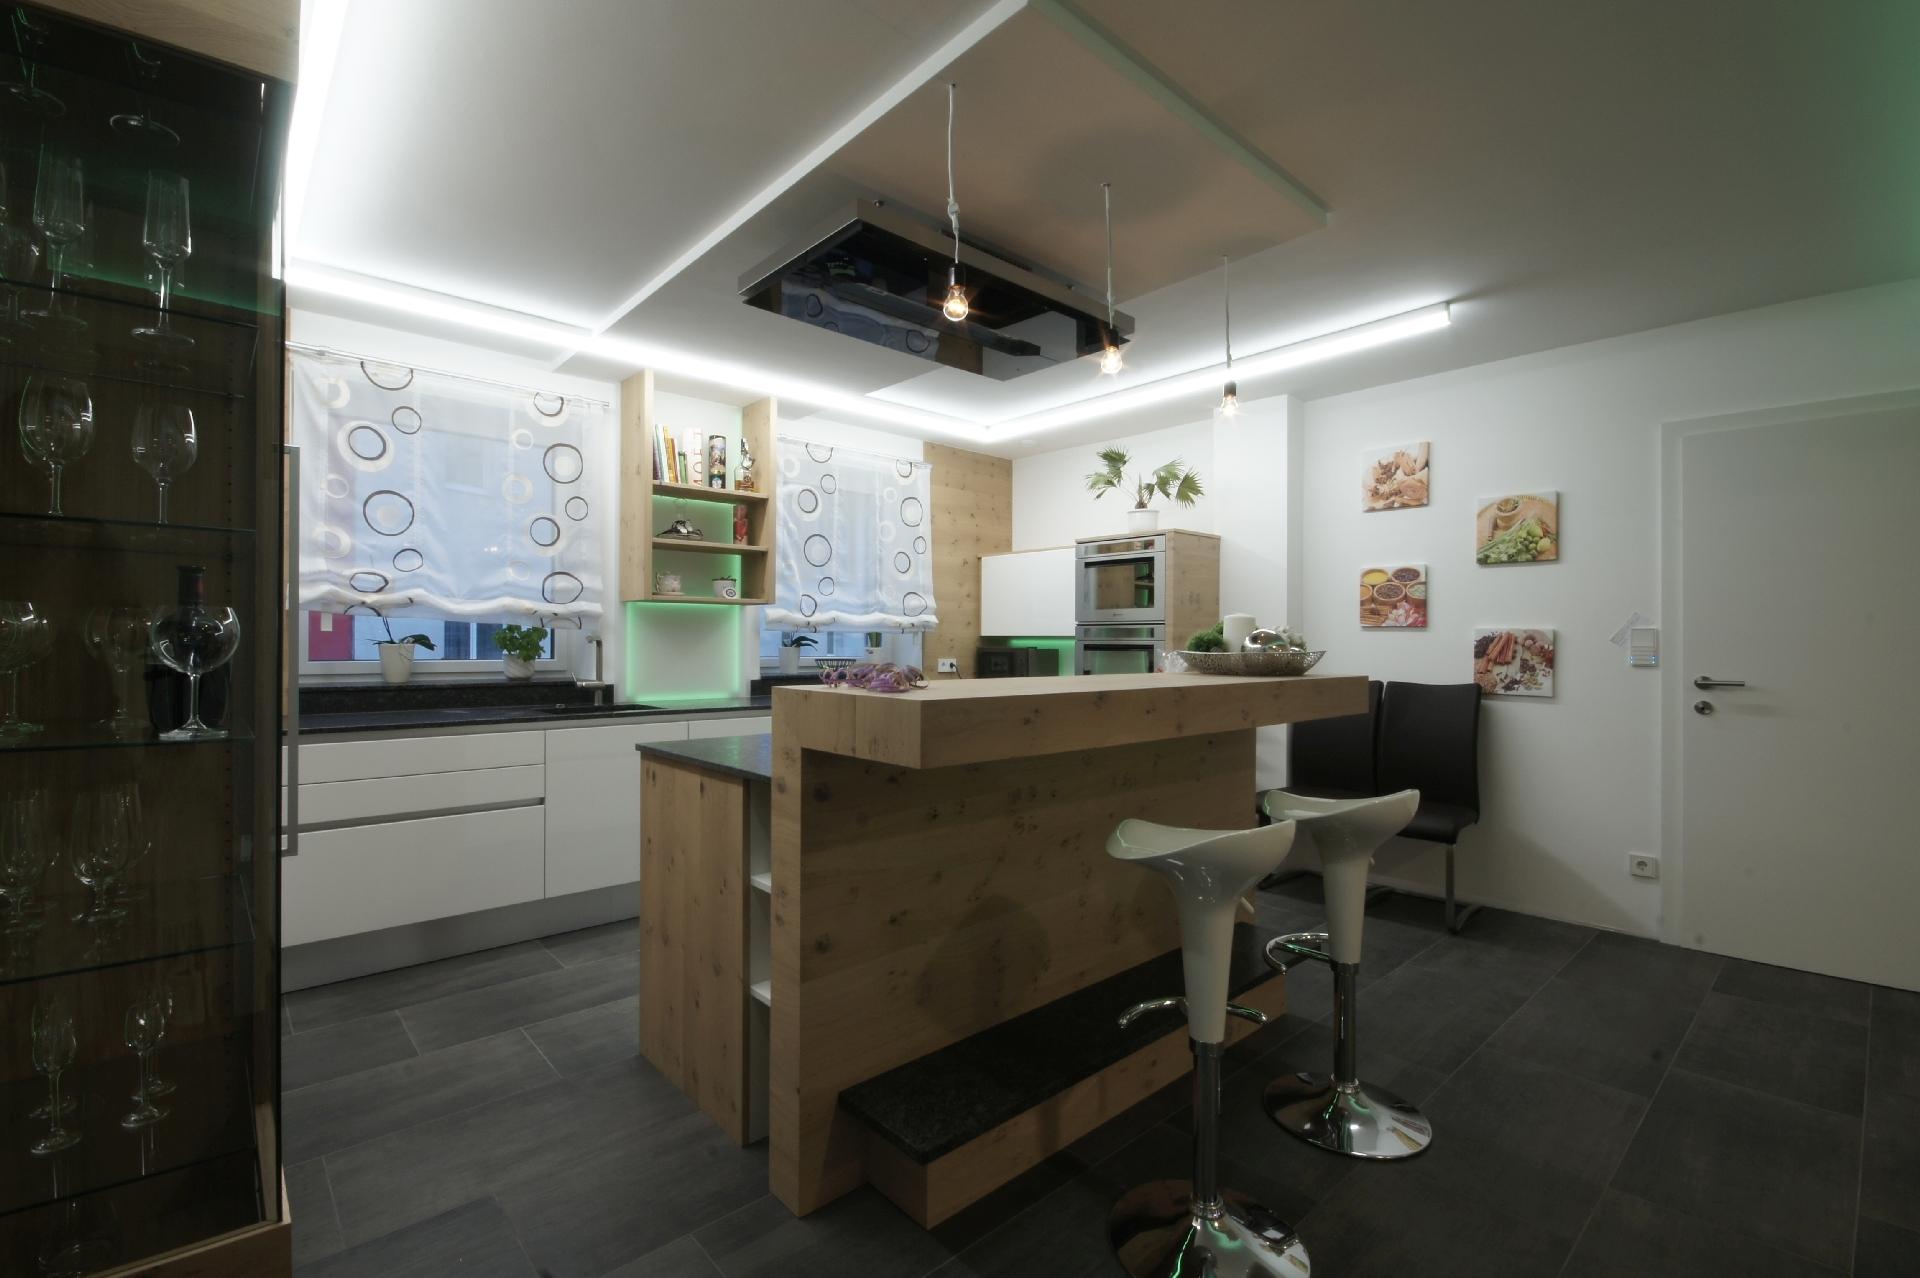 Tolle Kücheninseln Mit Frühstück Bar Fotos Fotos - Ideen Für Die ...